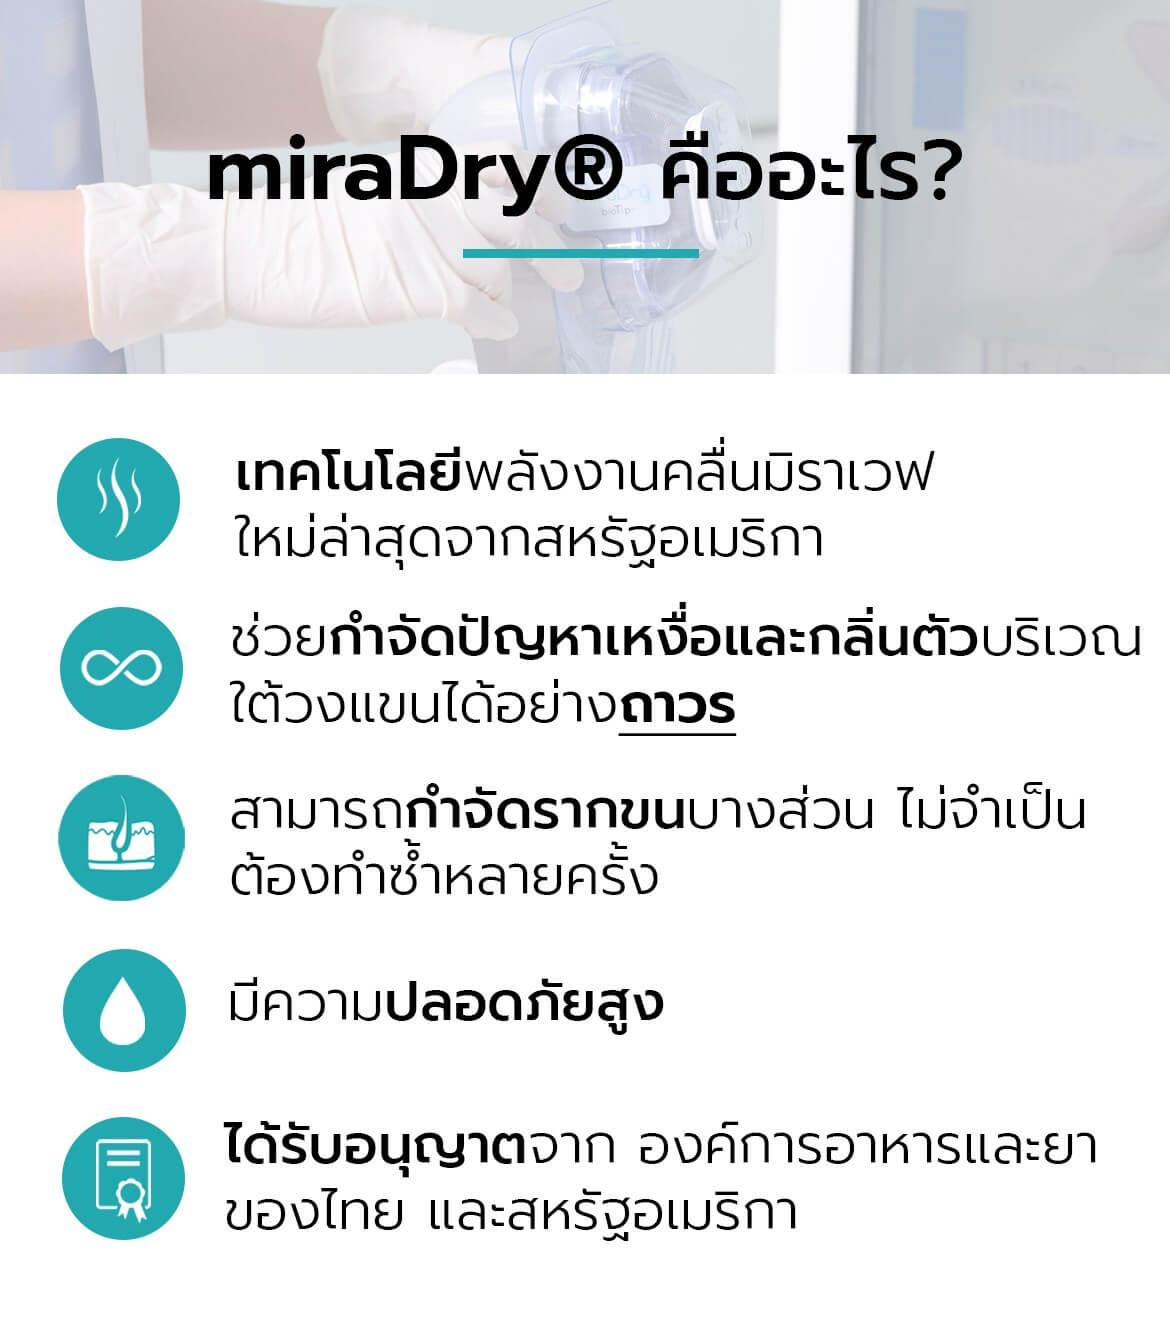 miraDry คืออะไร